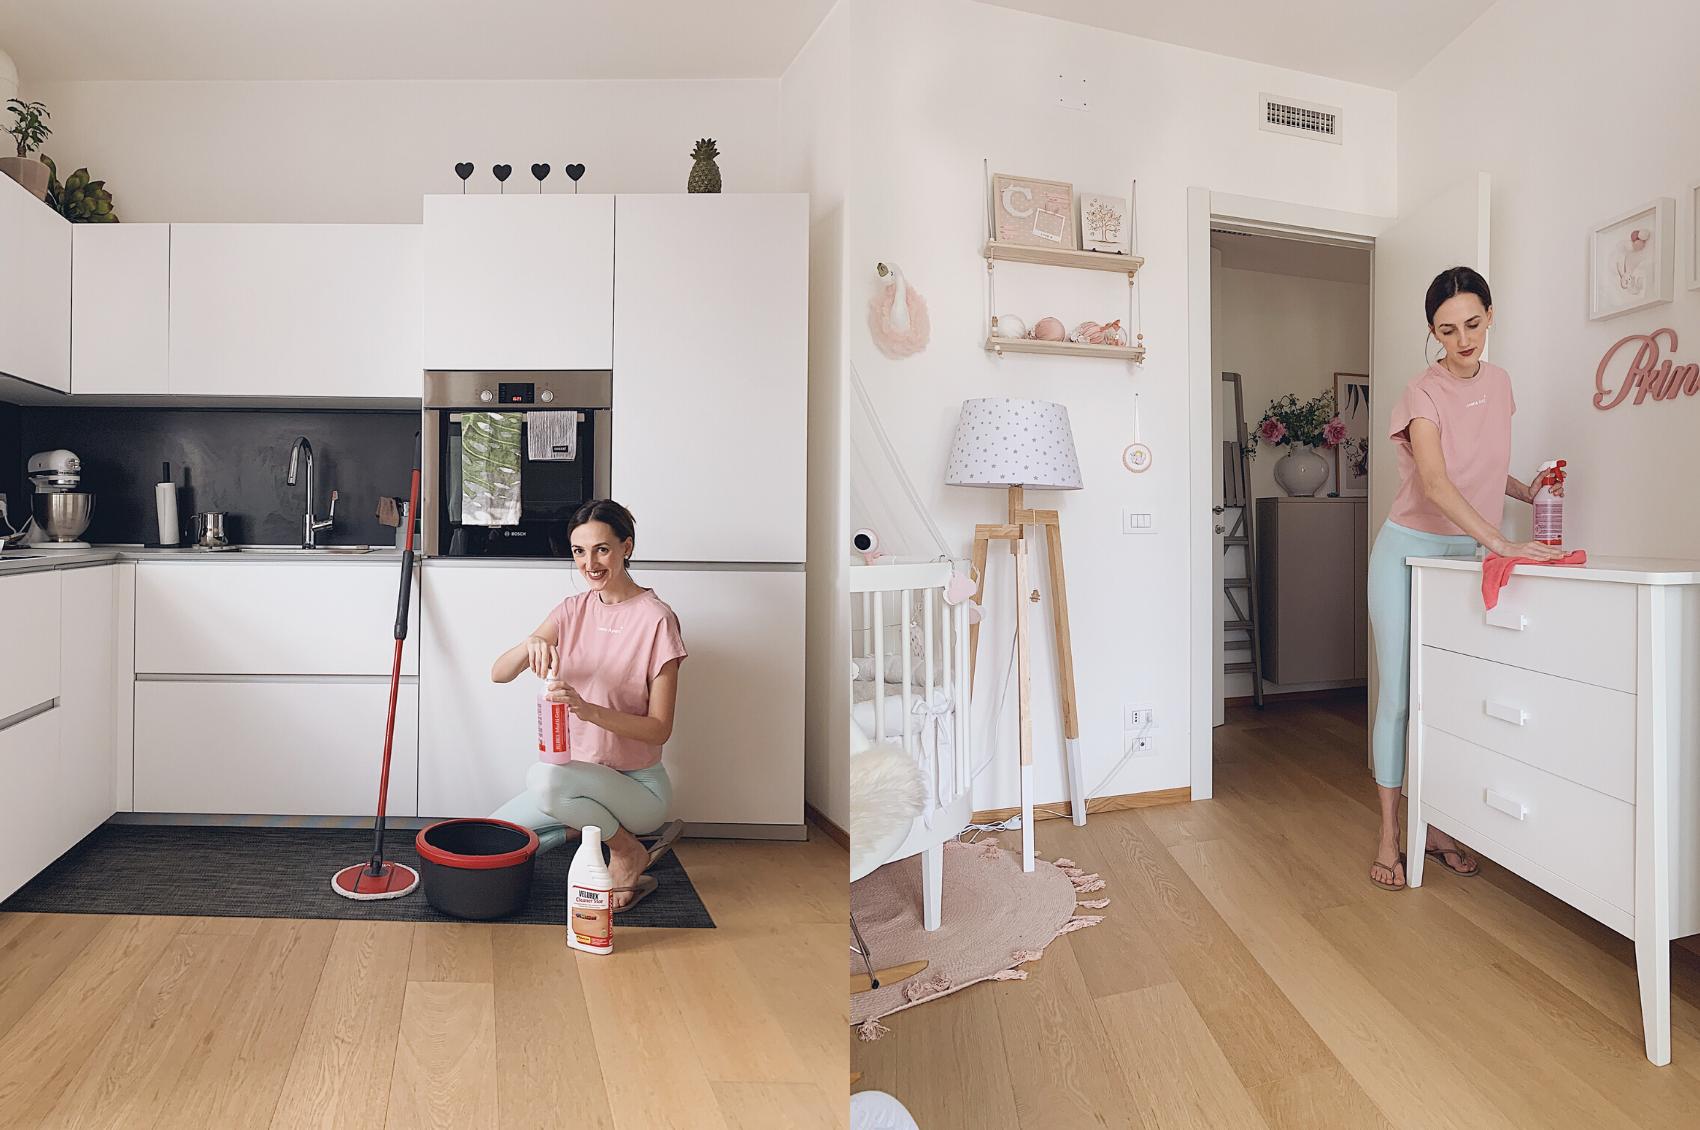 pulizie della casa e igiene